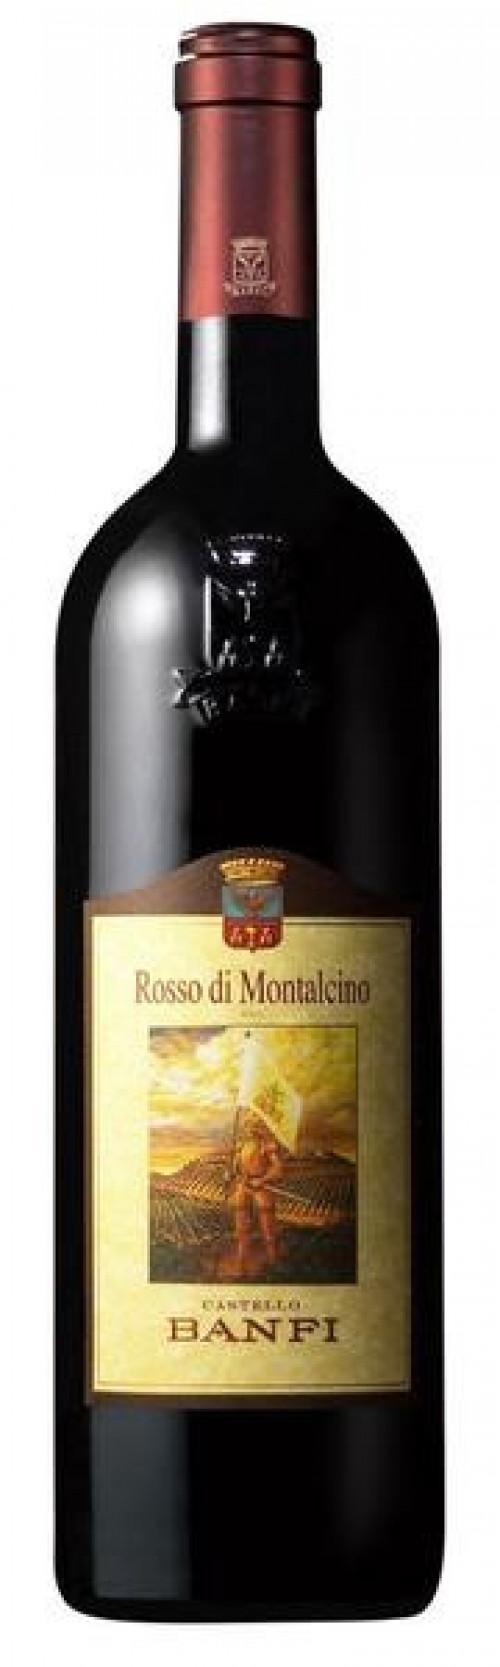 Banfi Rosso Di Montalcino 750ml